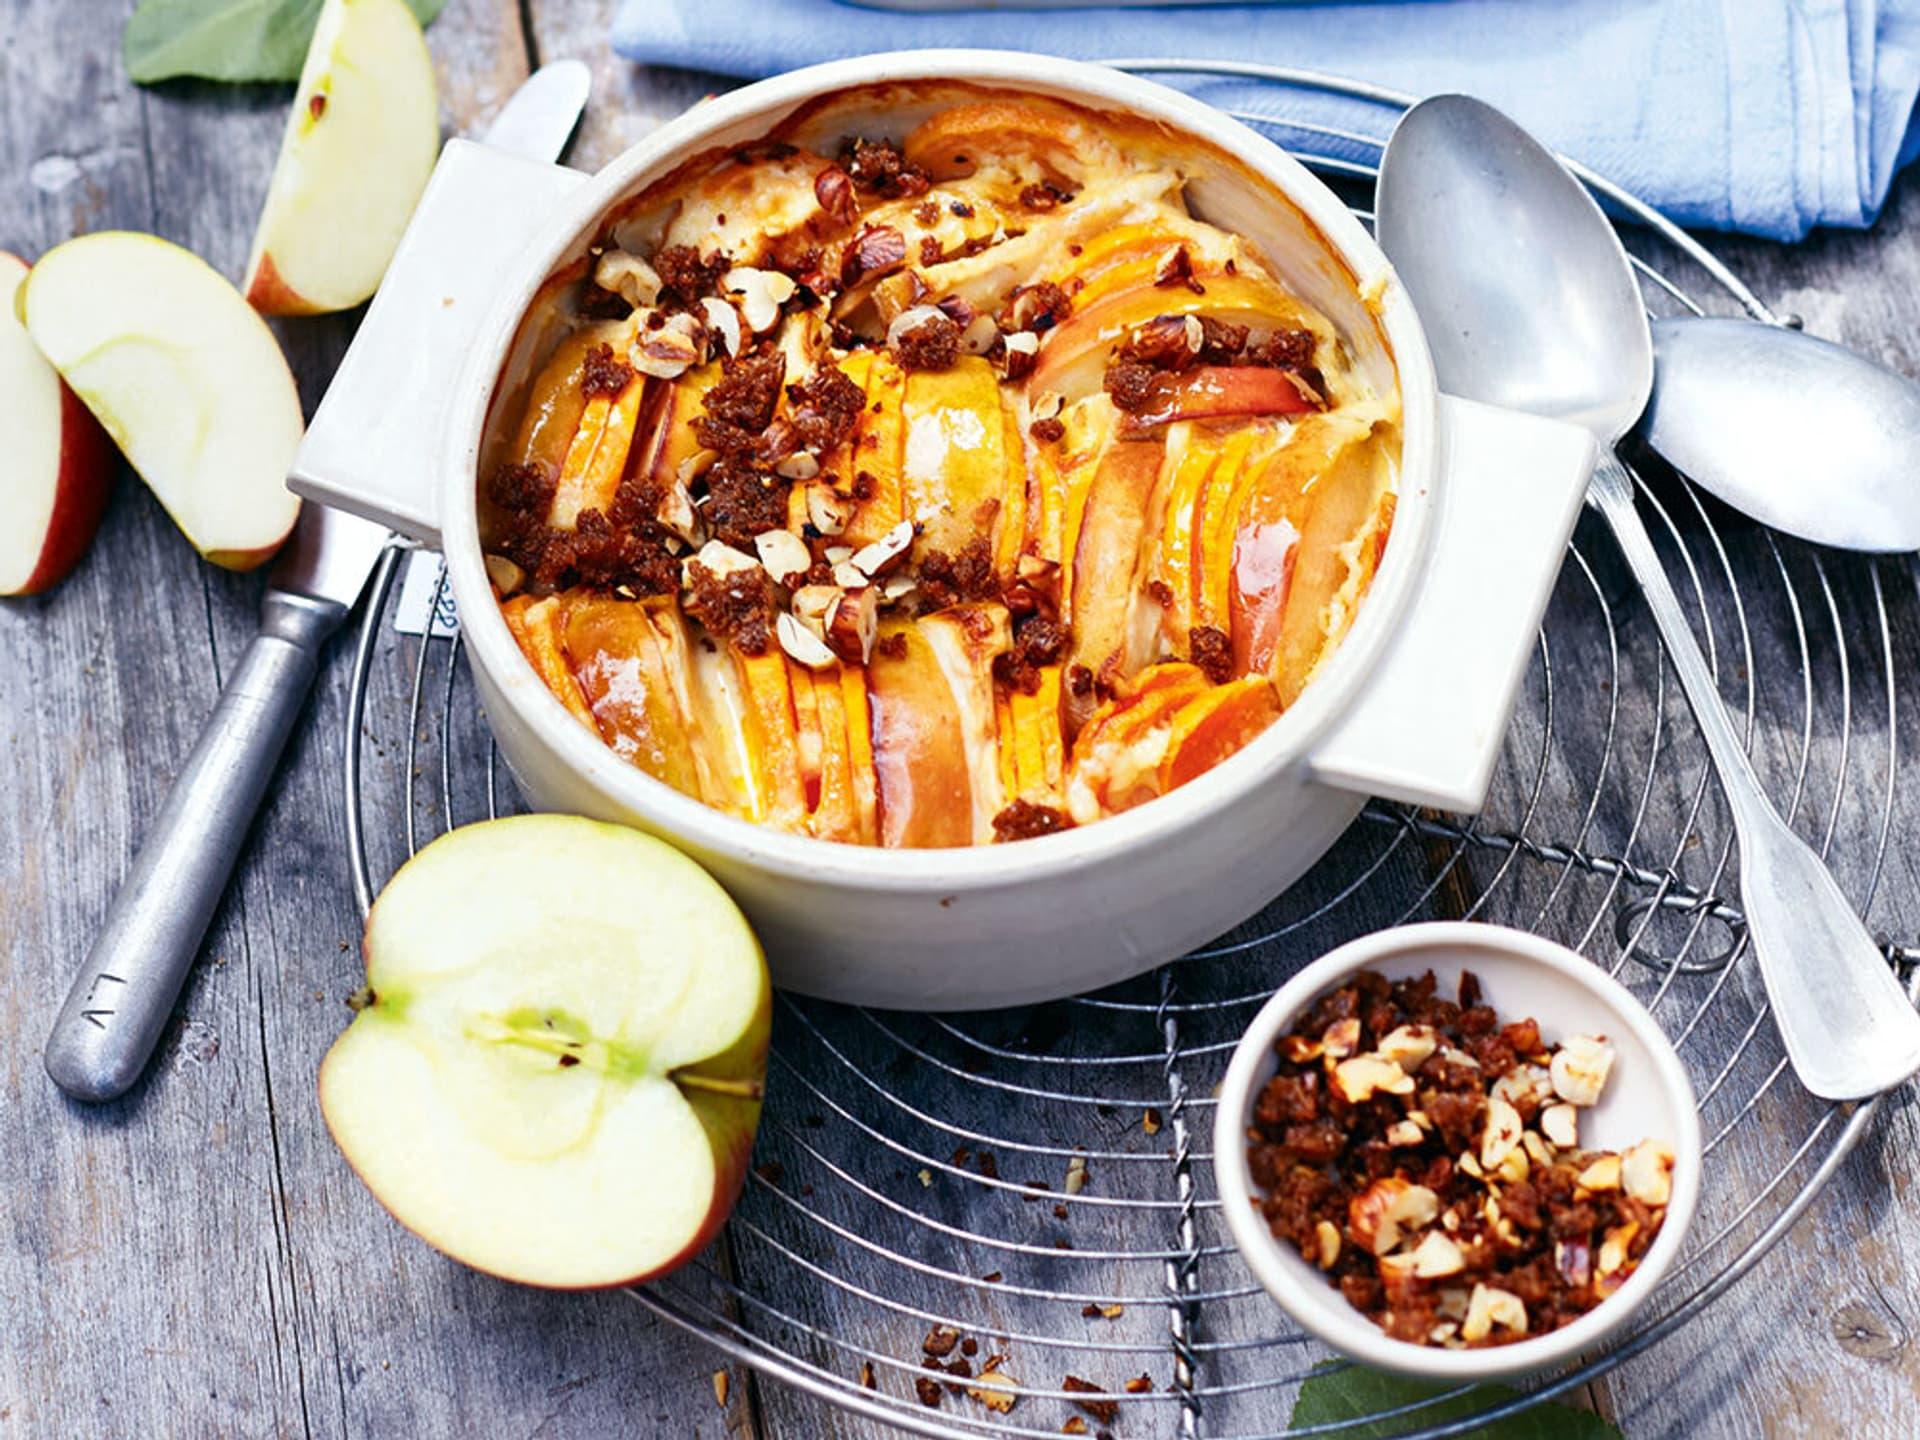 Süßkartoffelauflauf mit Haselnüssen bestreut